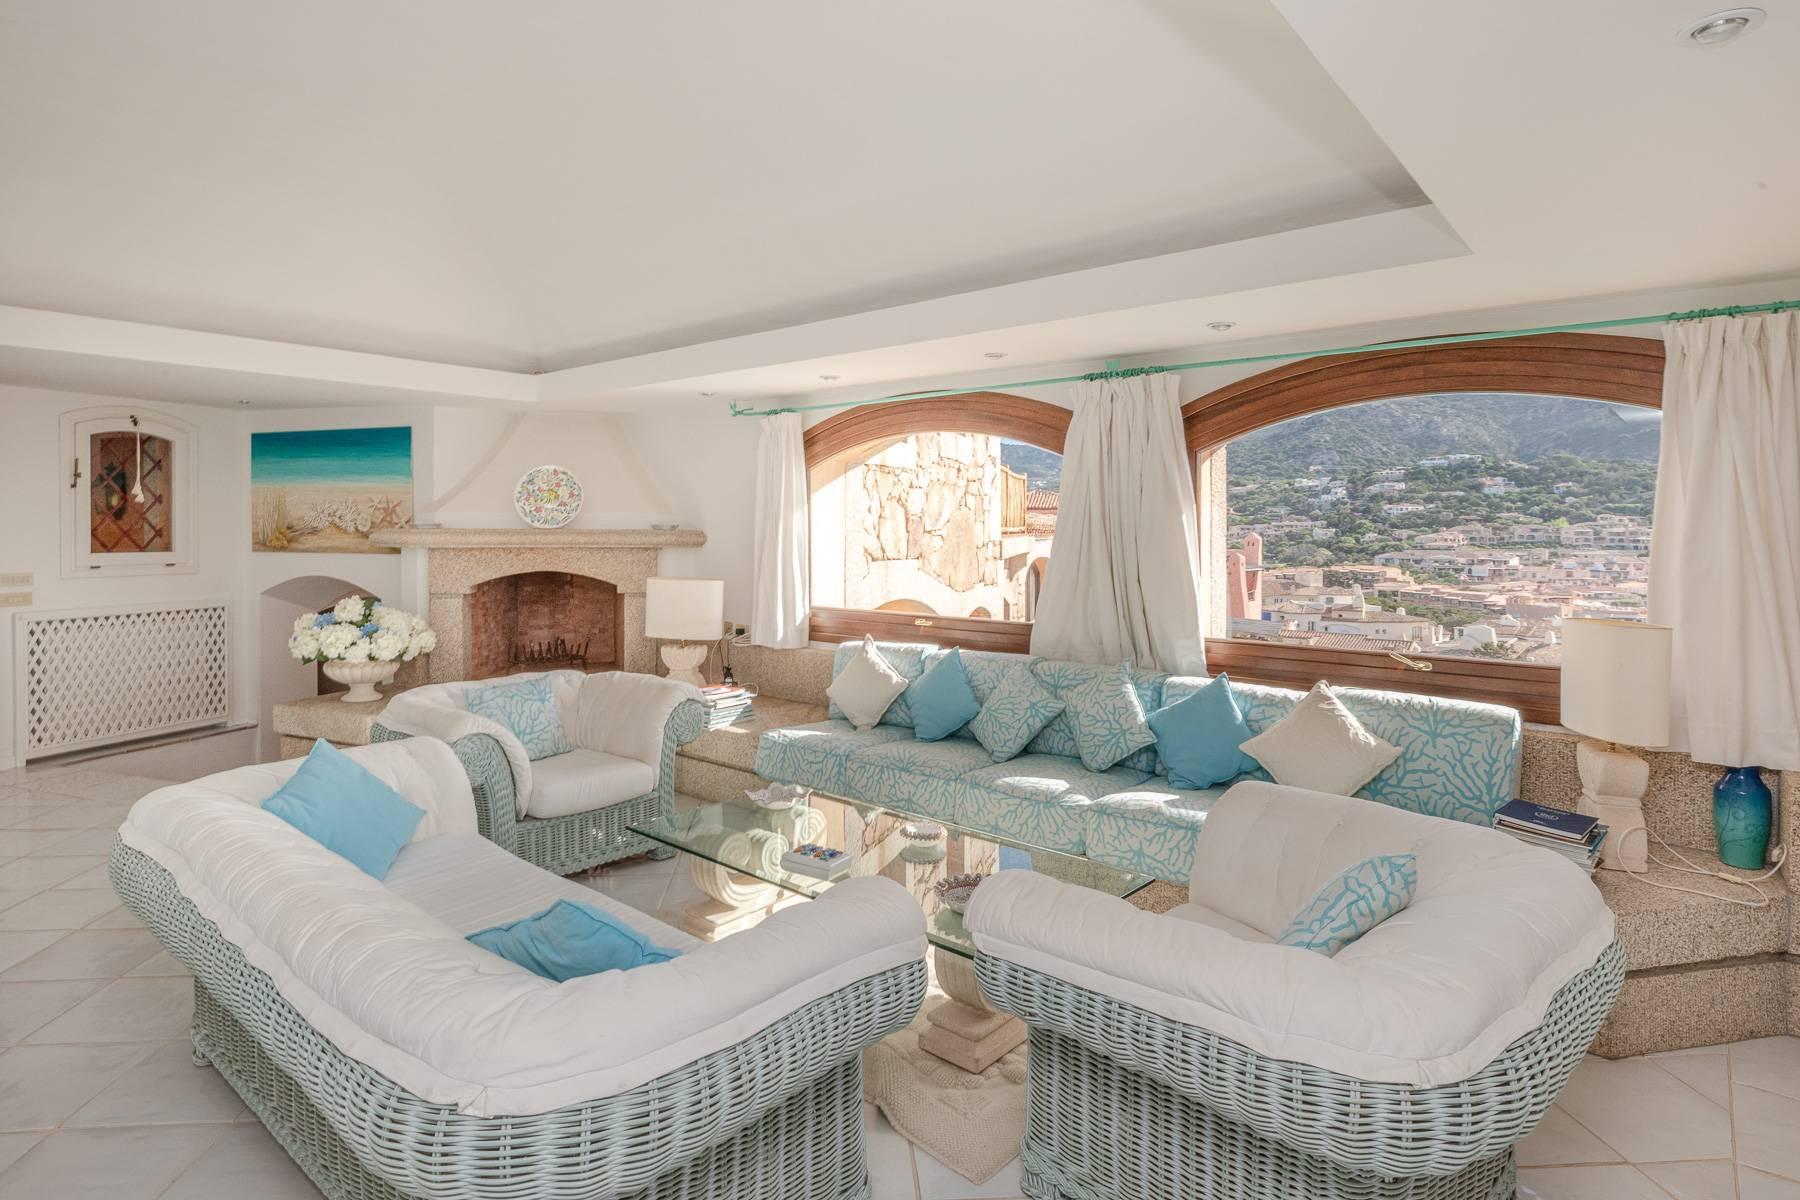 Importante villa indipendente con un impareggiabile panorama, nel cuore di Porto Cervo. - 8